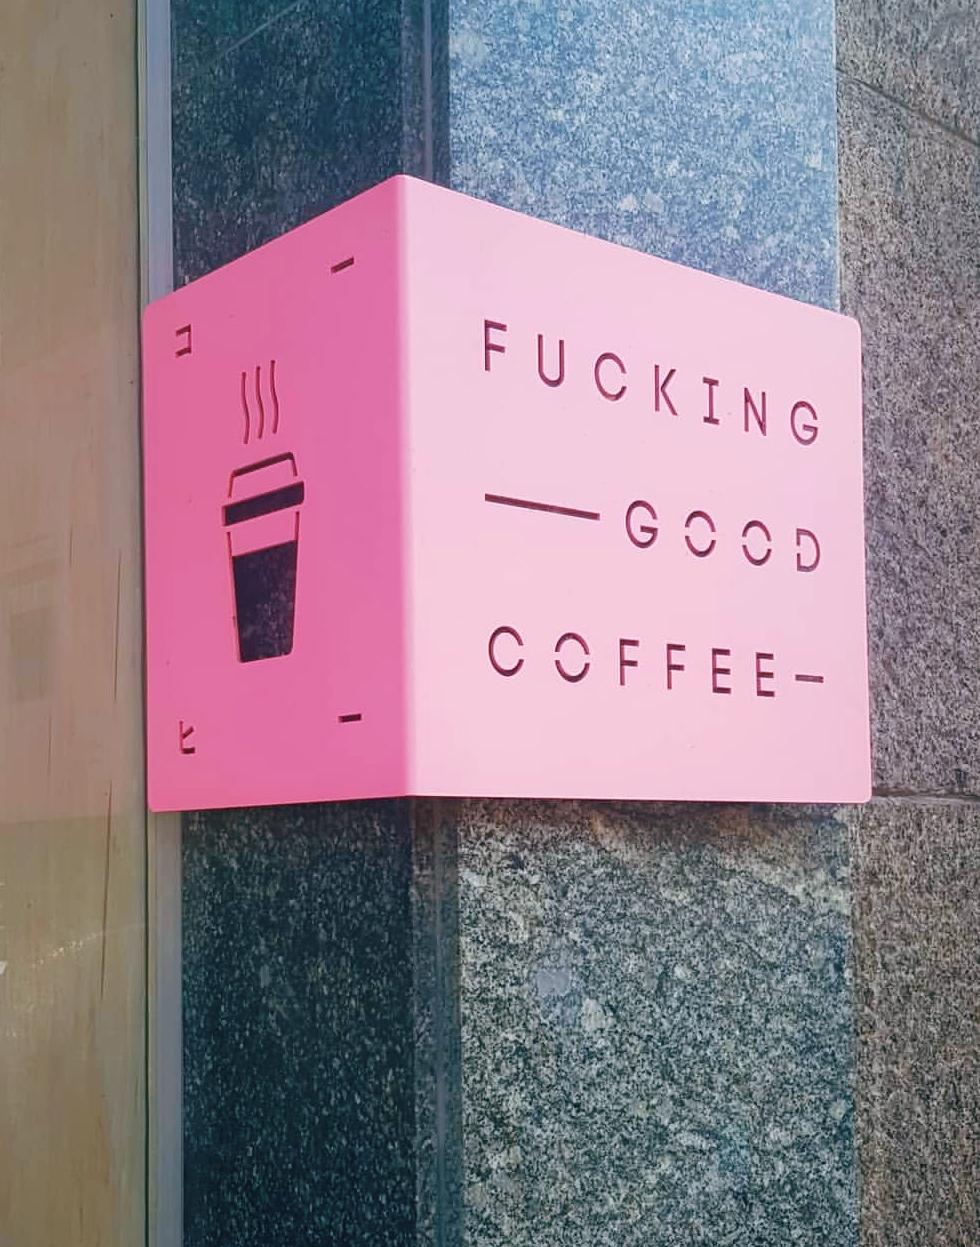 מה עושים בקייב קפה מקומות מסעדות שוות